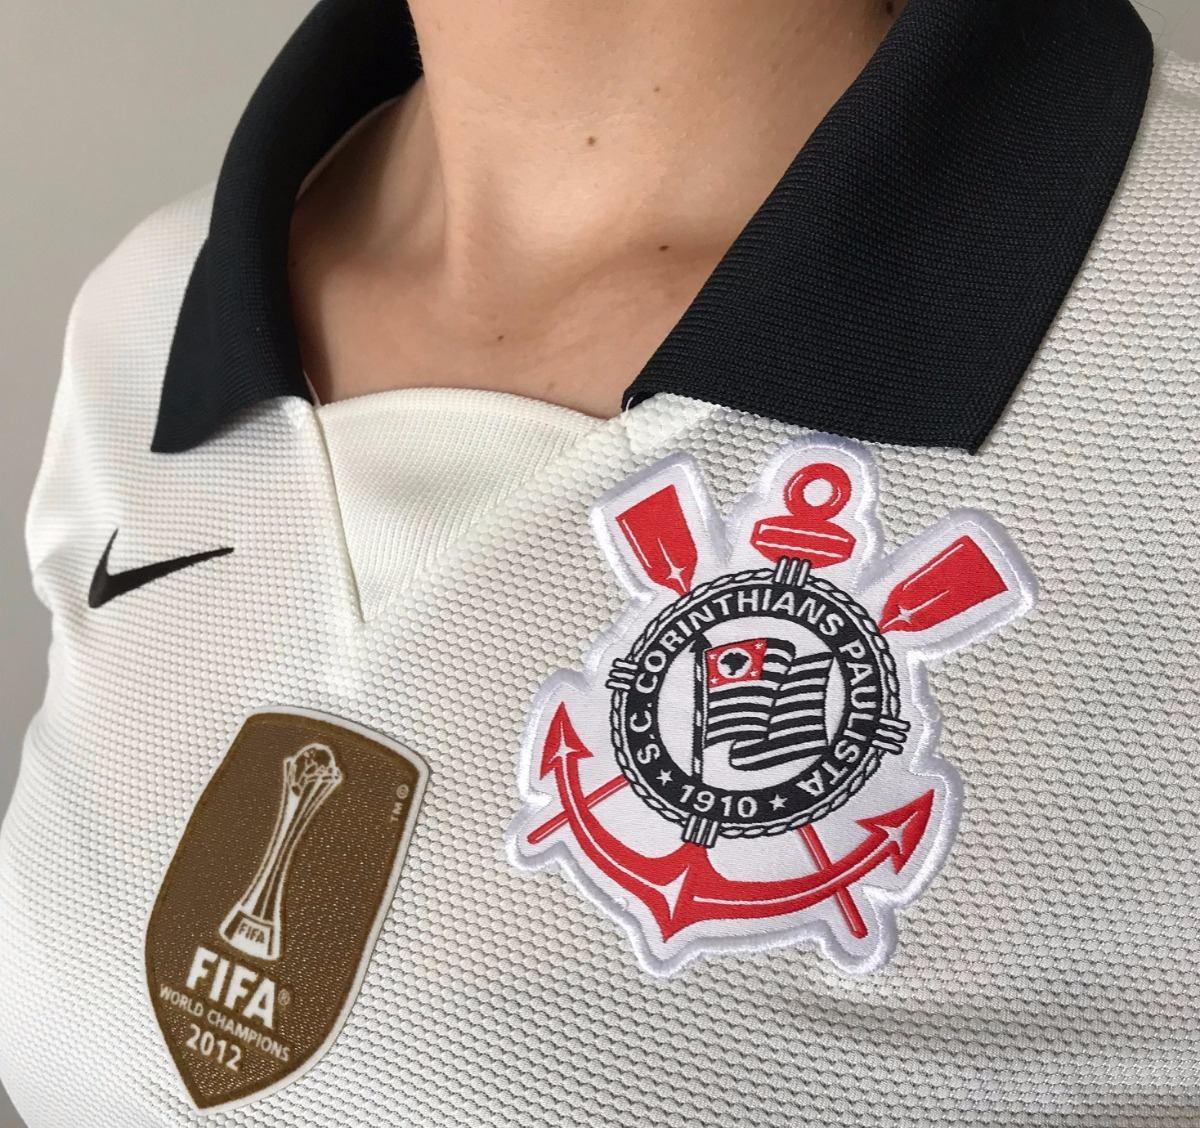 Camisa Corinthians Feminina - Escudo Campeão Mundial Fifa - R  79 58a4a09057e76